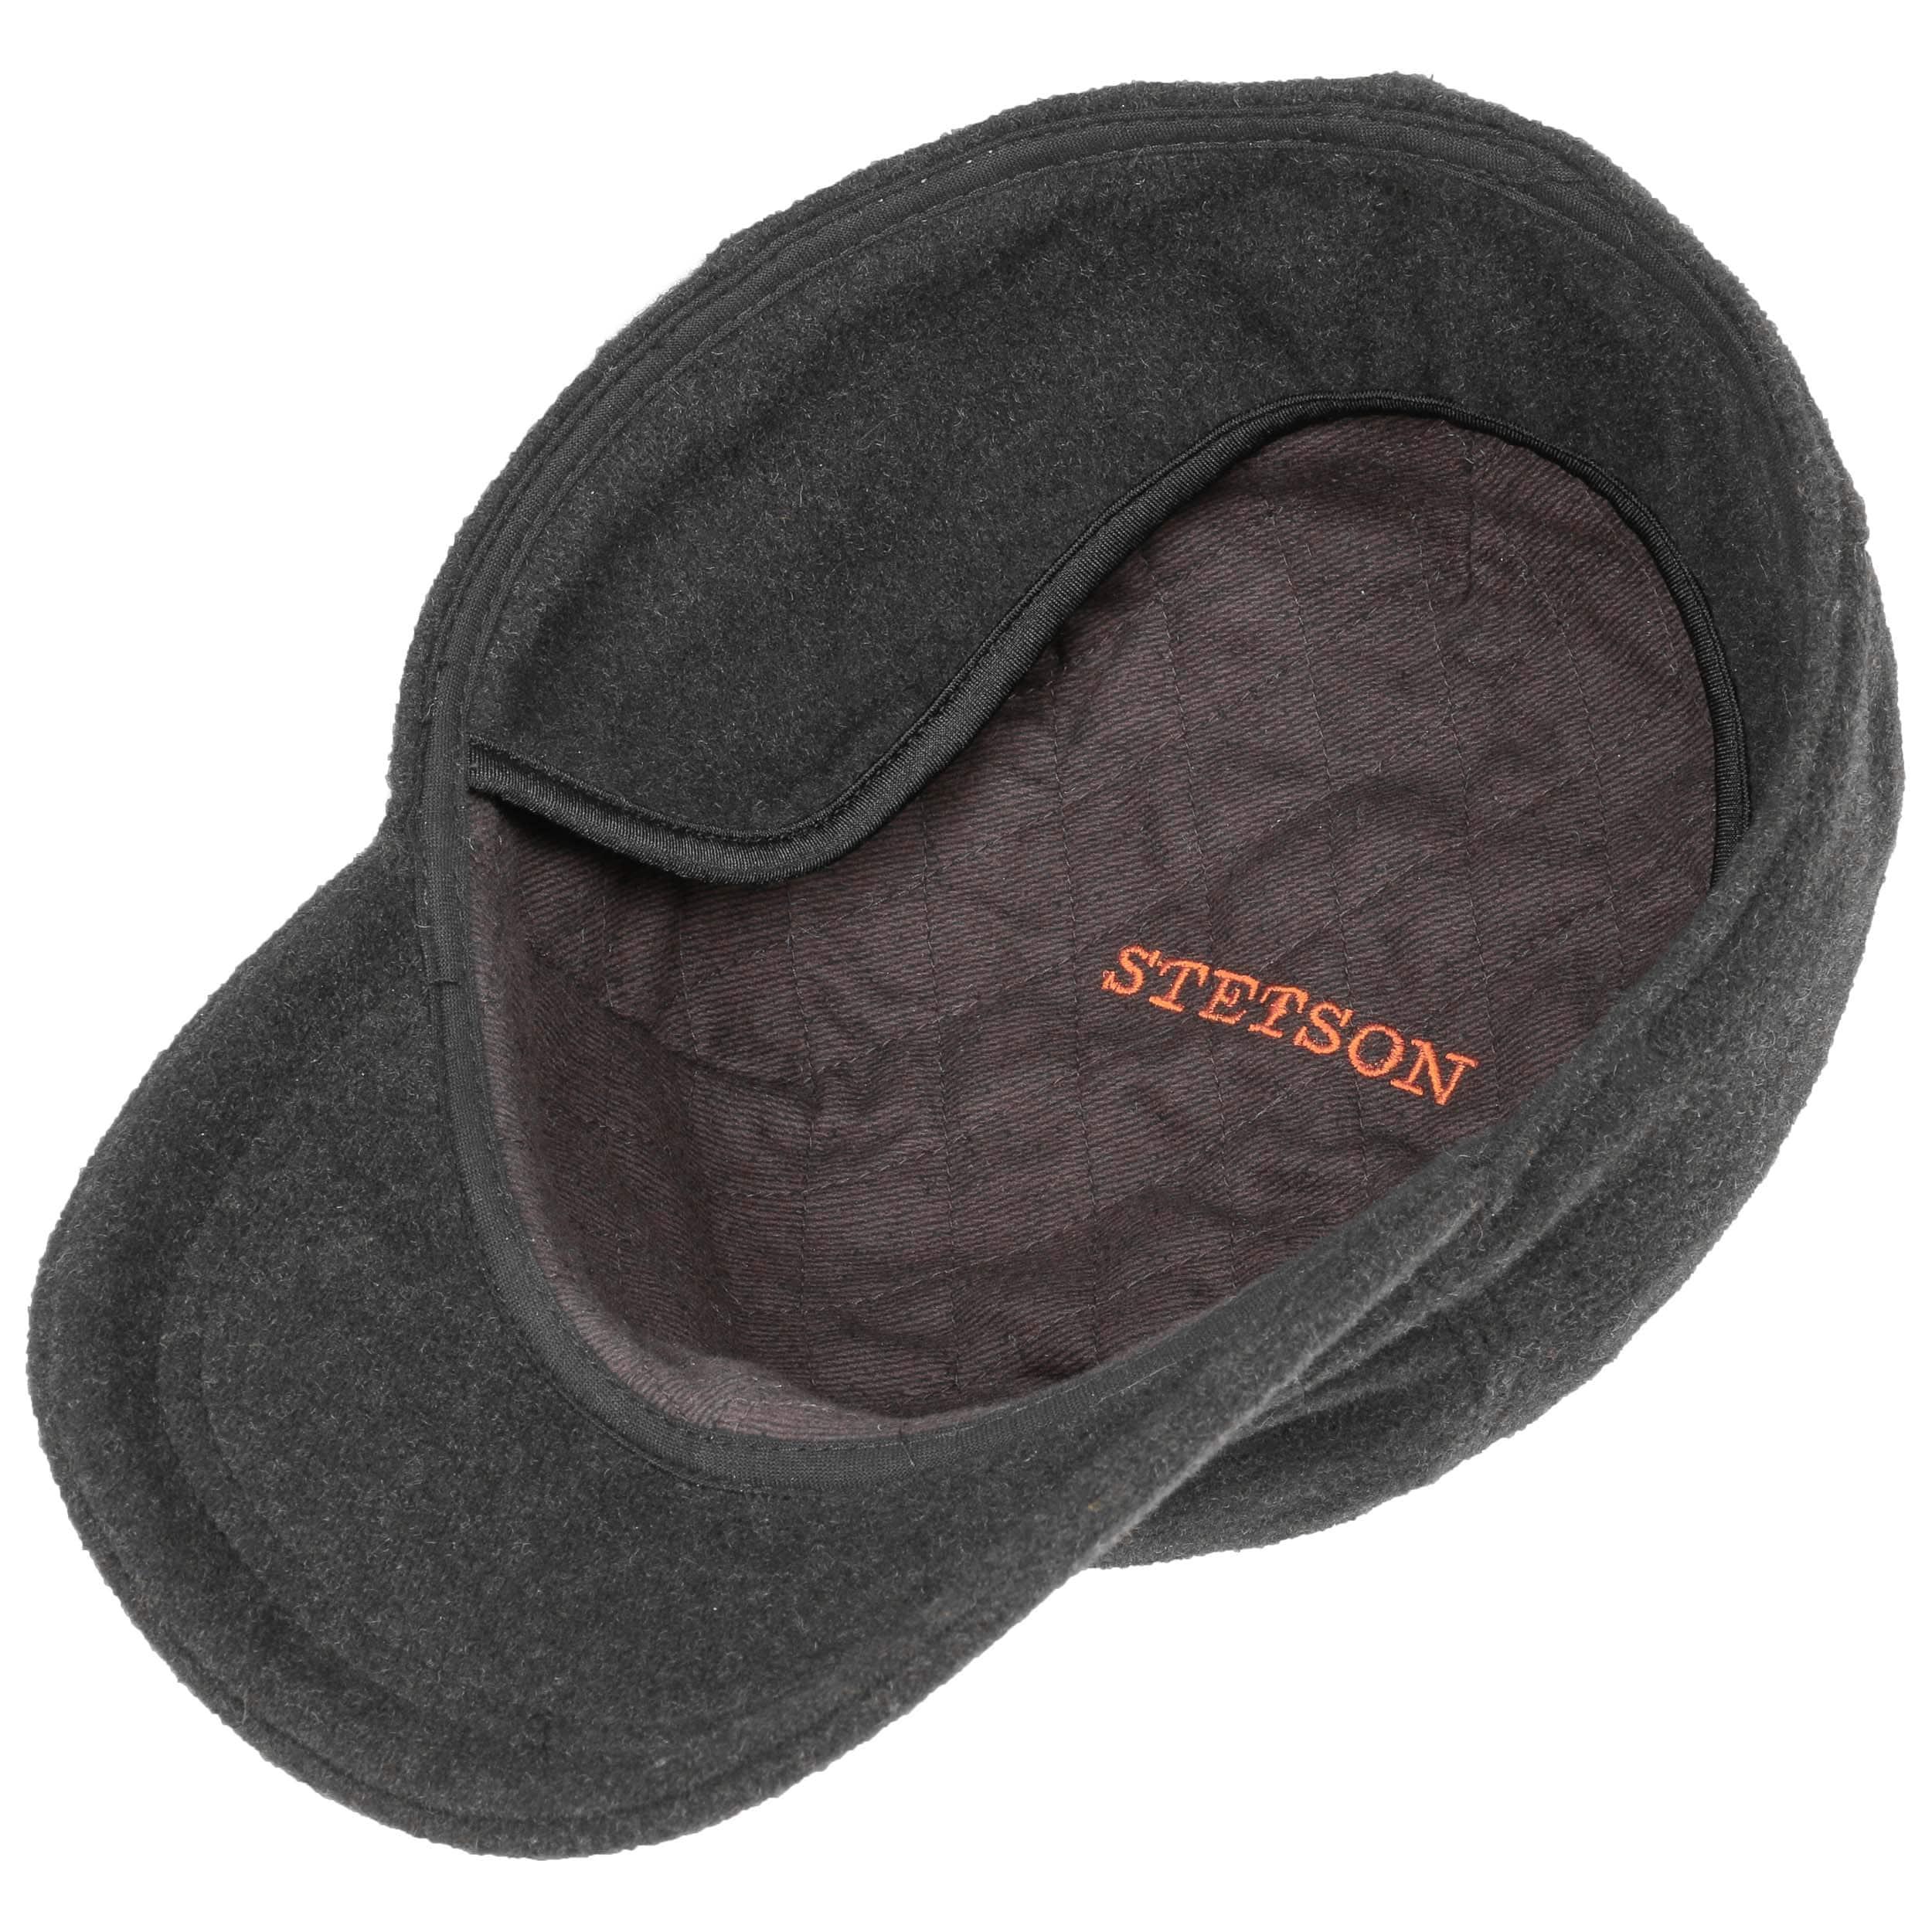 Gorra de Lana Orejeras Maryman by Stetson - Gorras - sombreroshop.es c5f17084f8b